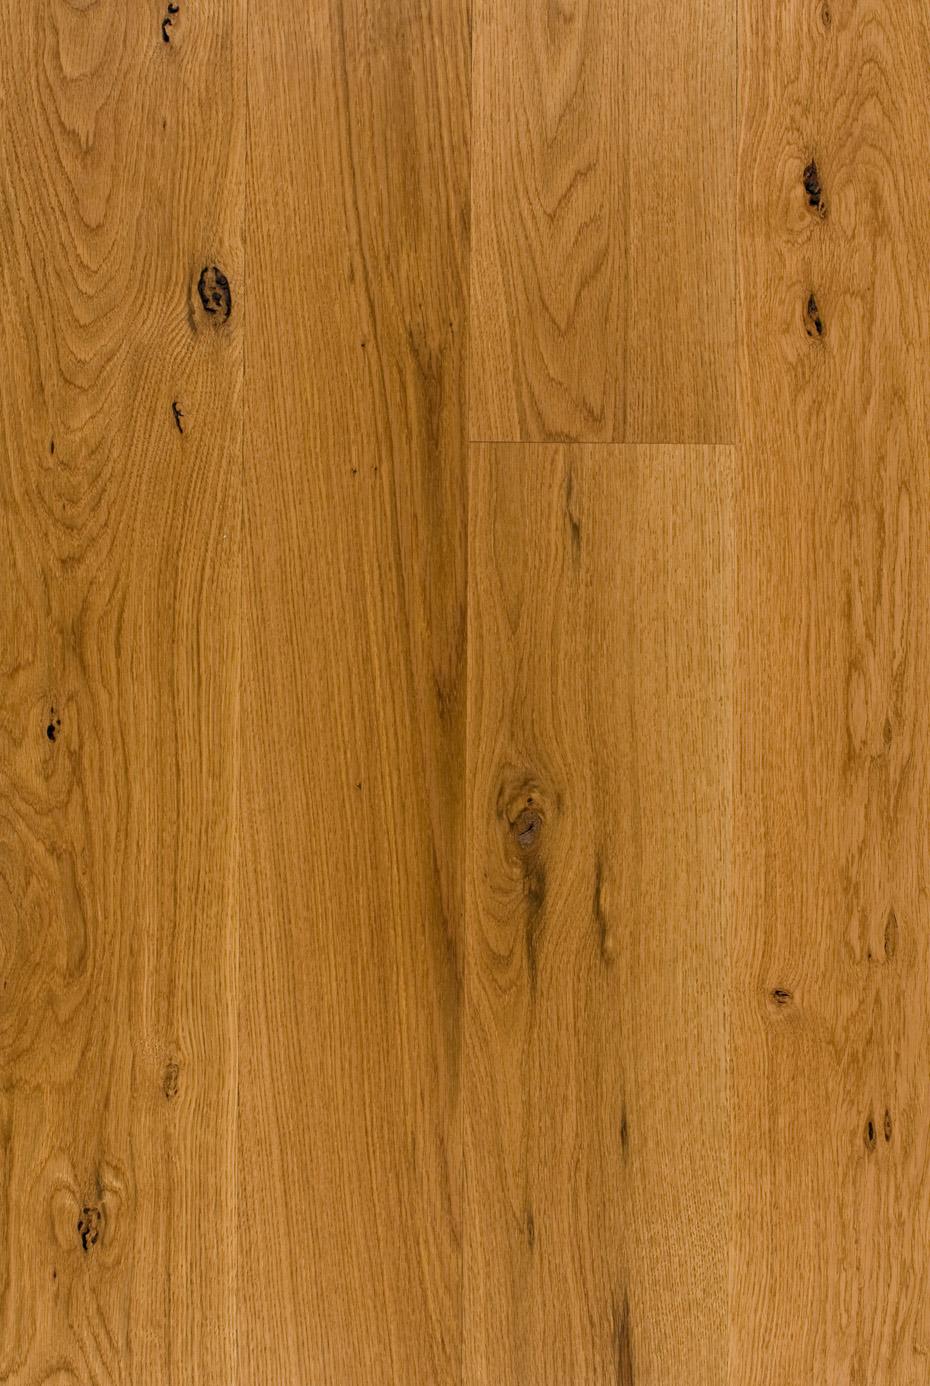 Harvest White Oak Flooring Mountain Lumber